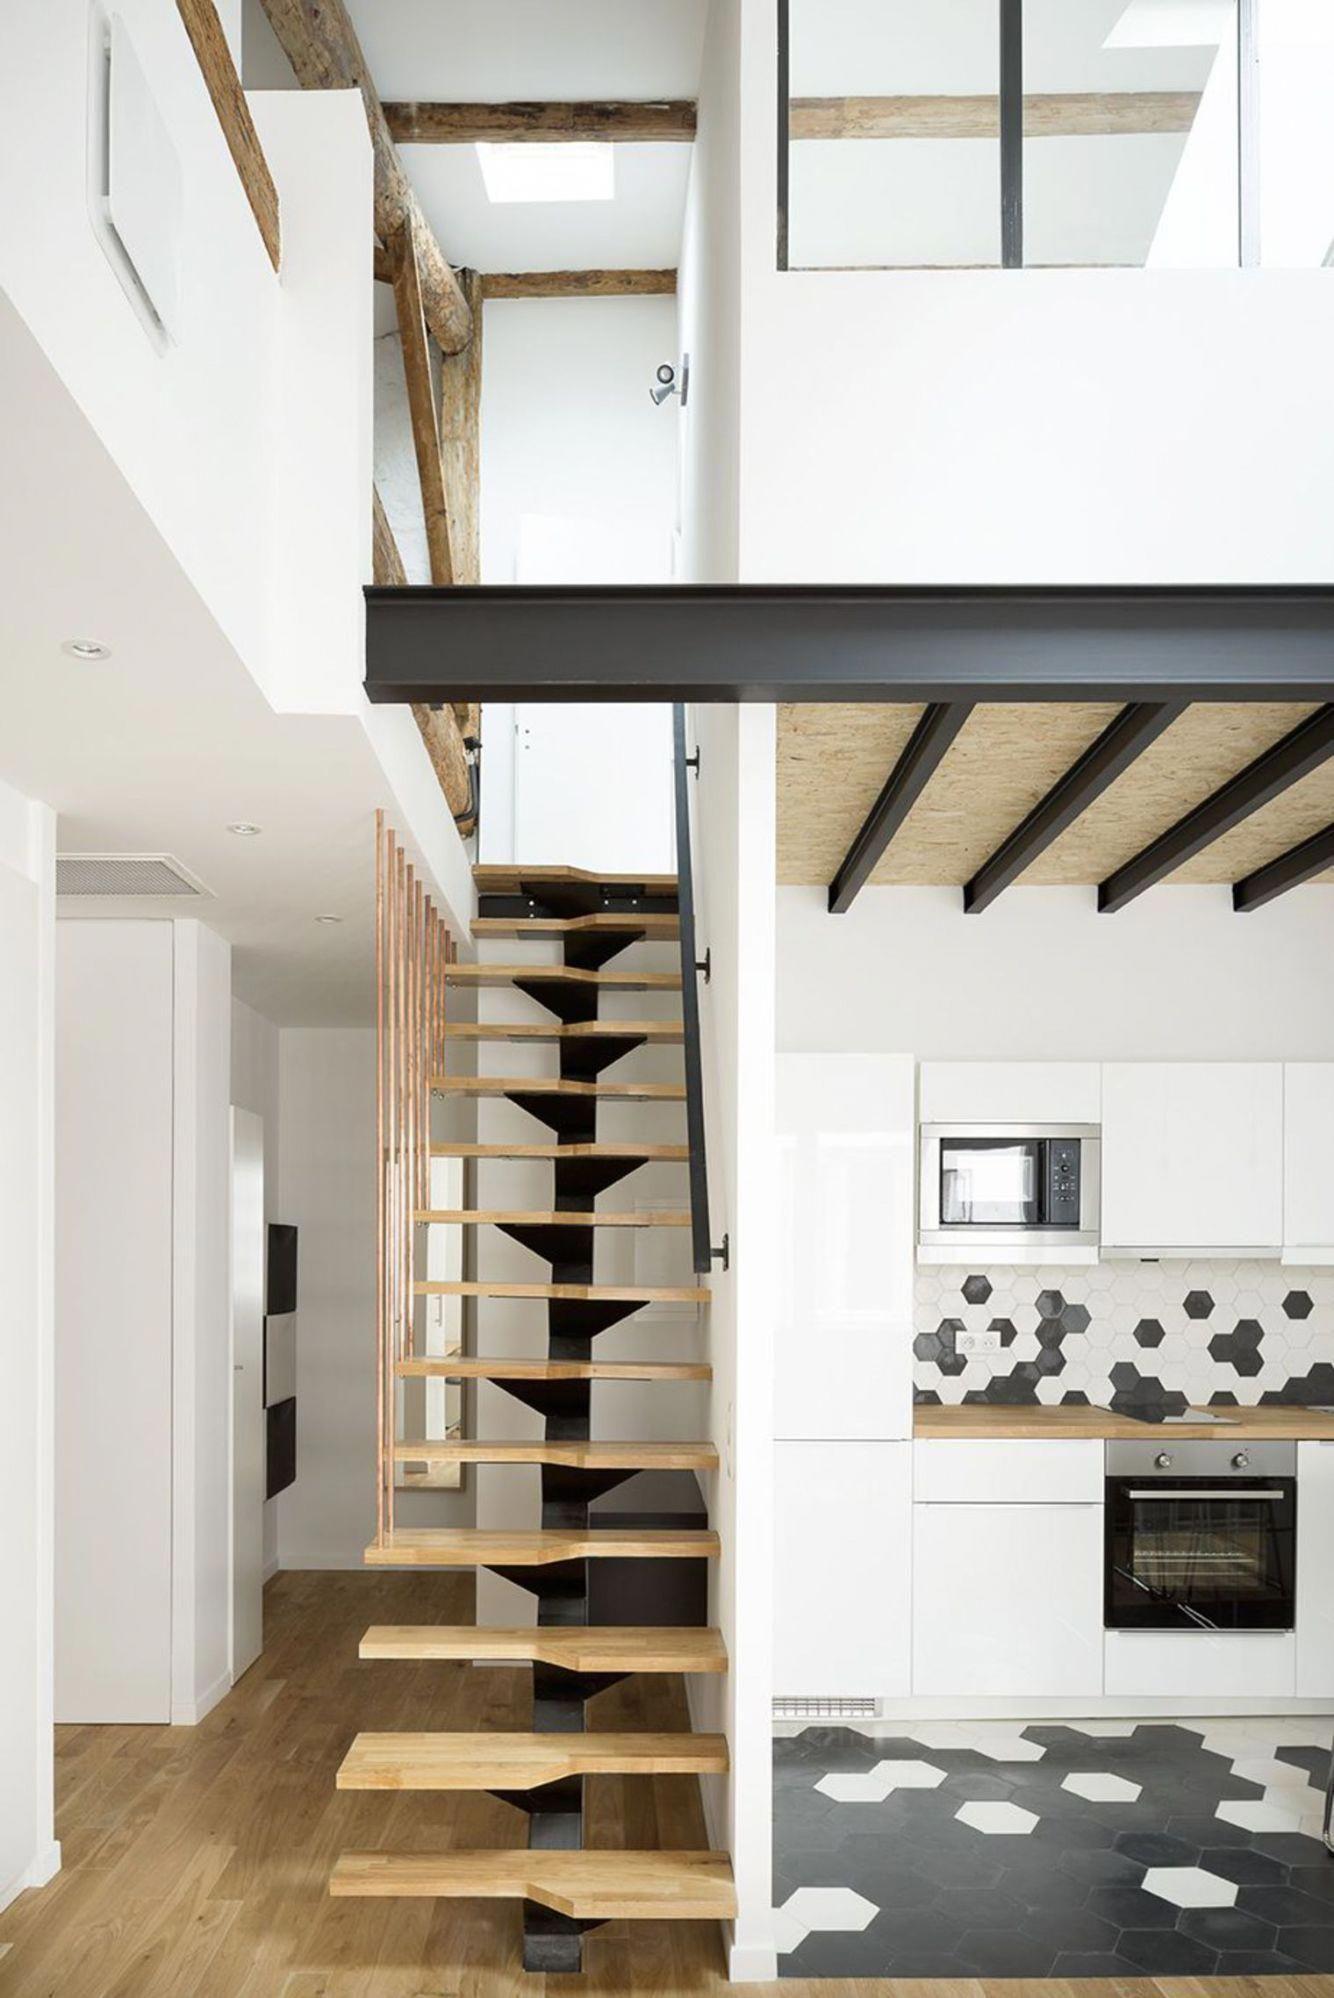 Tiny House Prix M2 agrandir un appartement par le haut - planete deco a homes